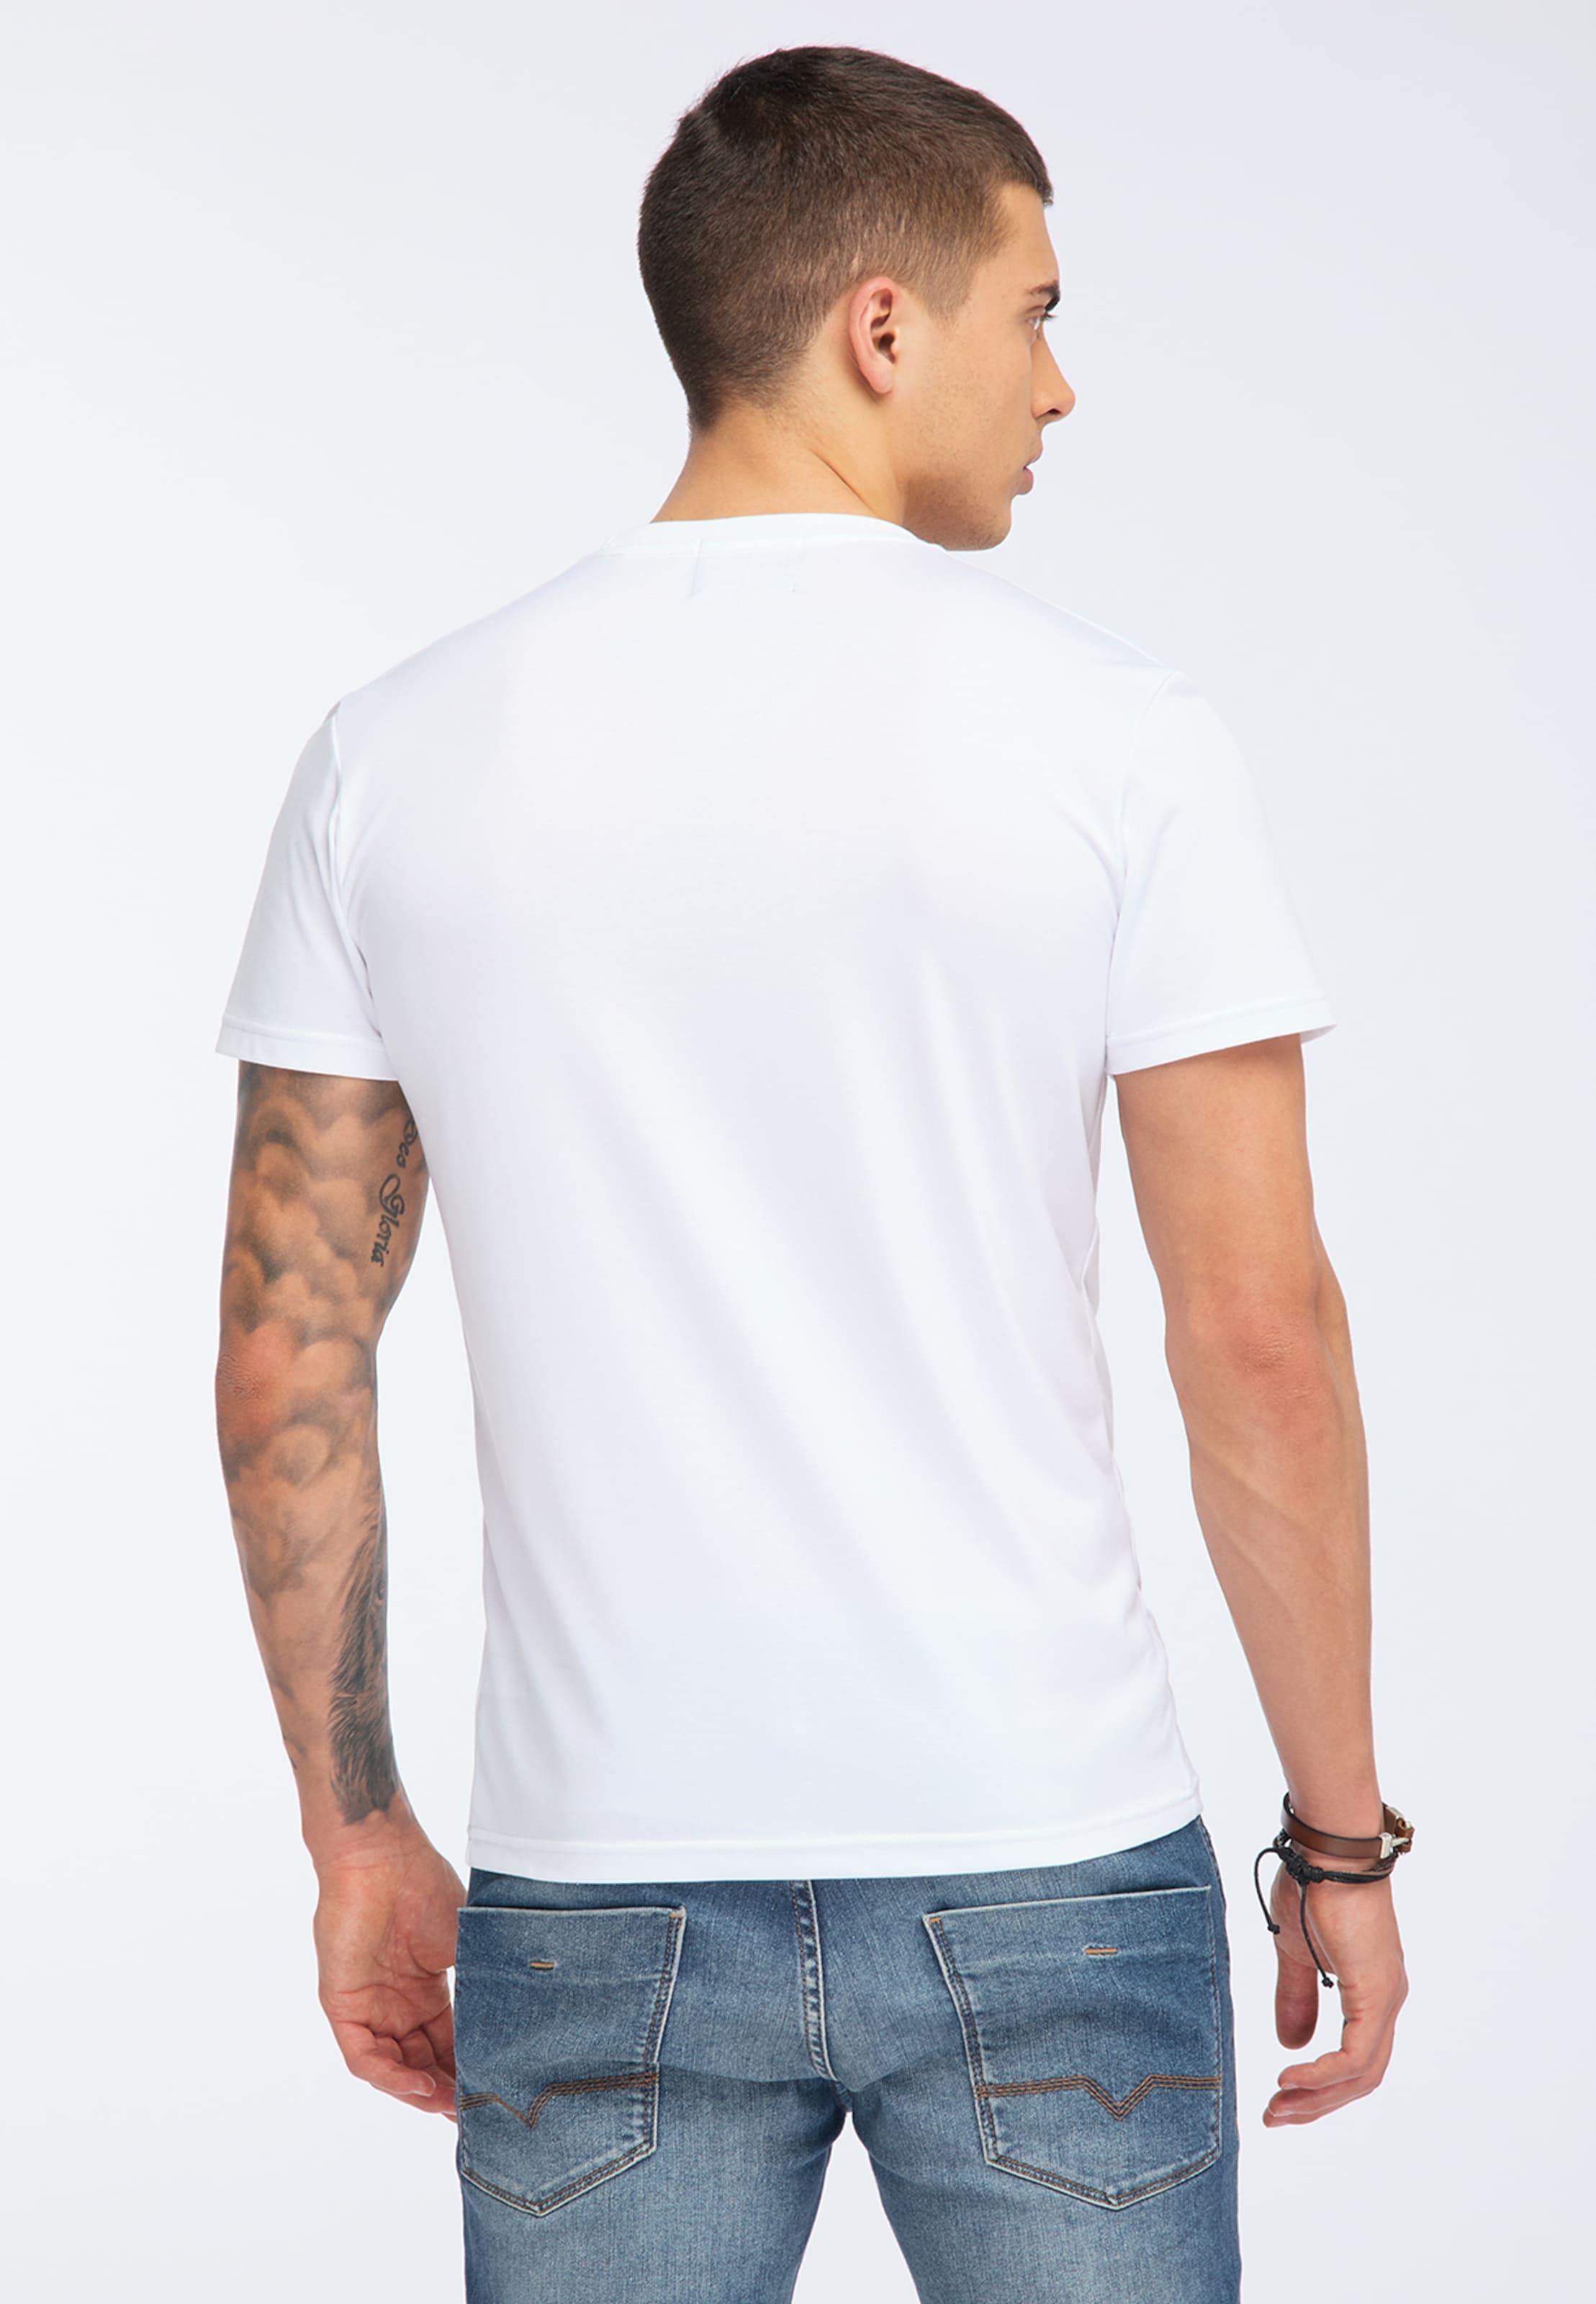 shirt T Mélange CouleursBlanc En De Oldskull IEHYW29D